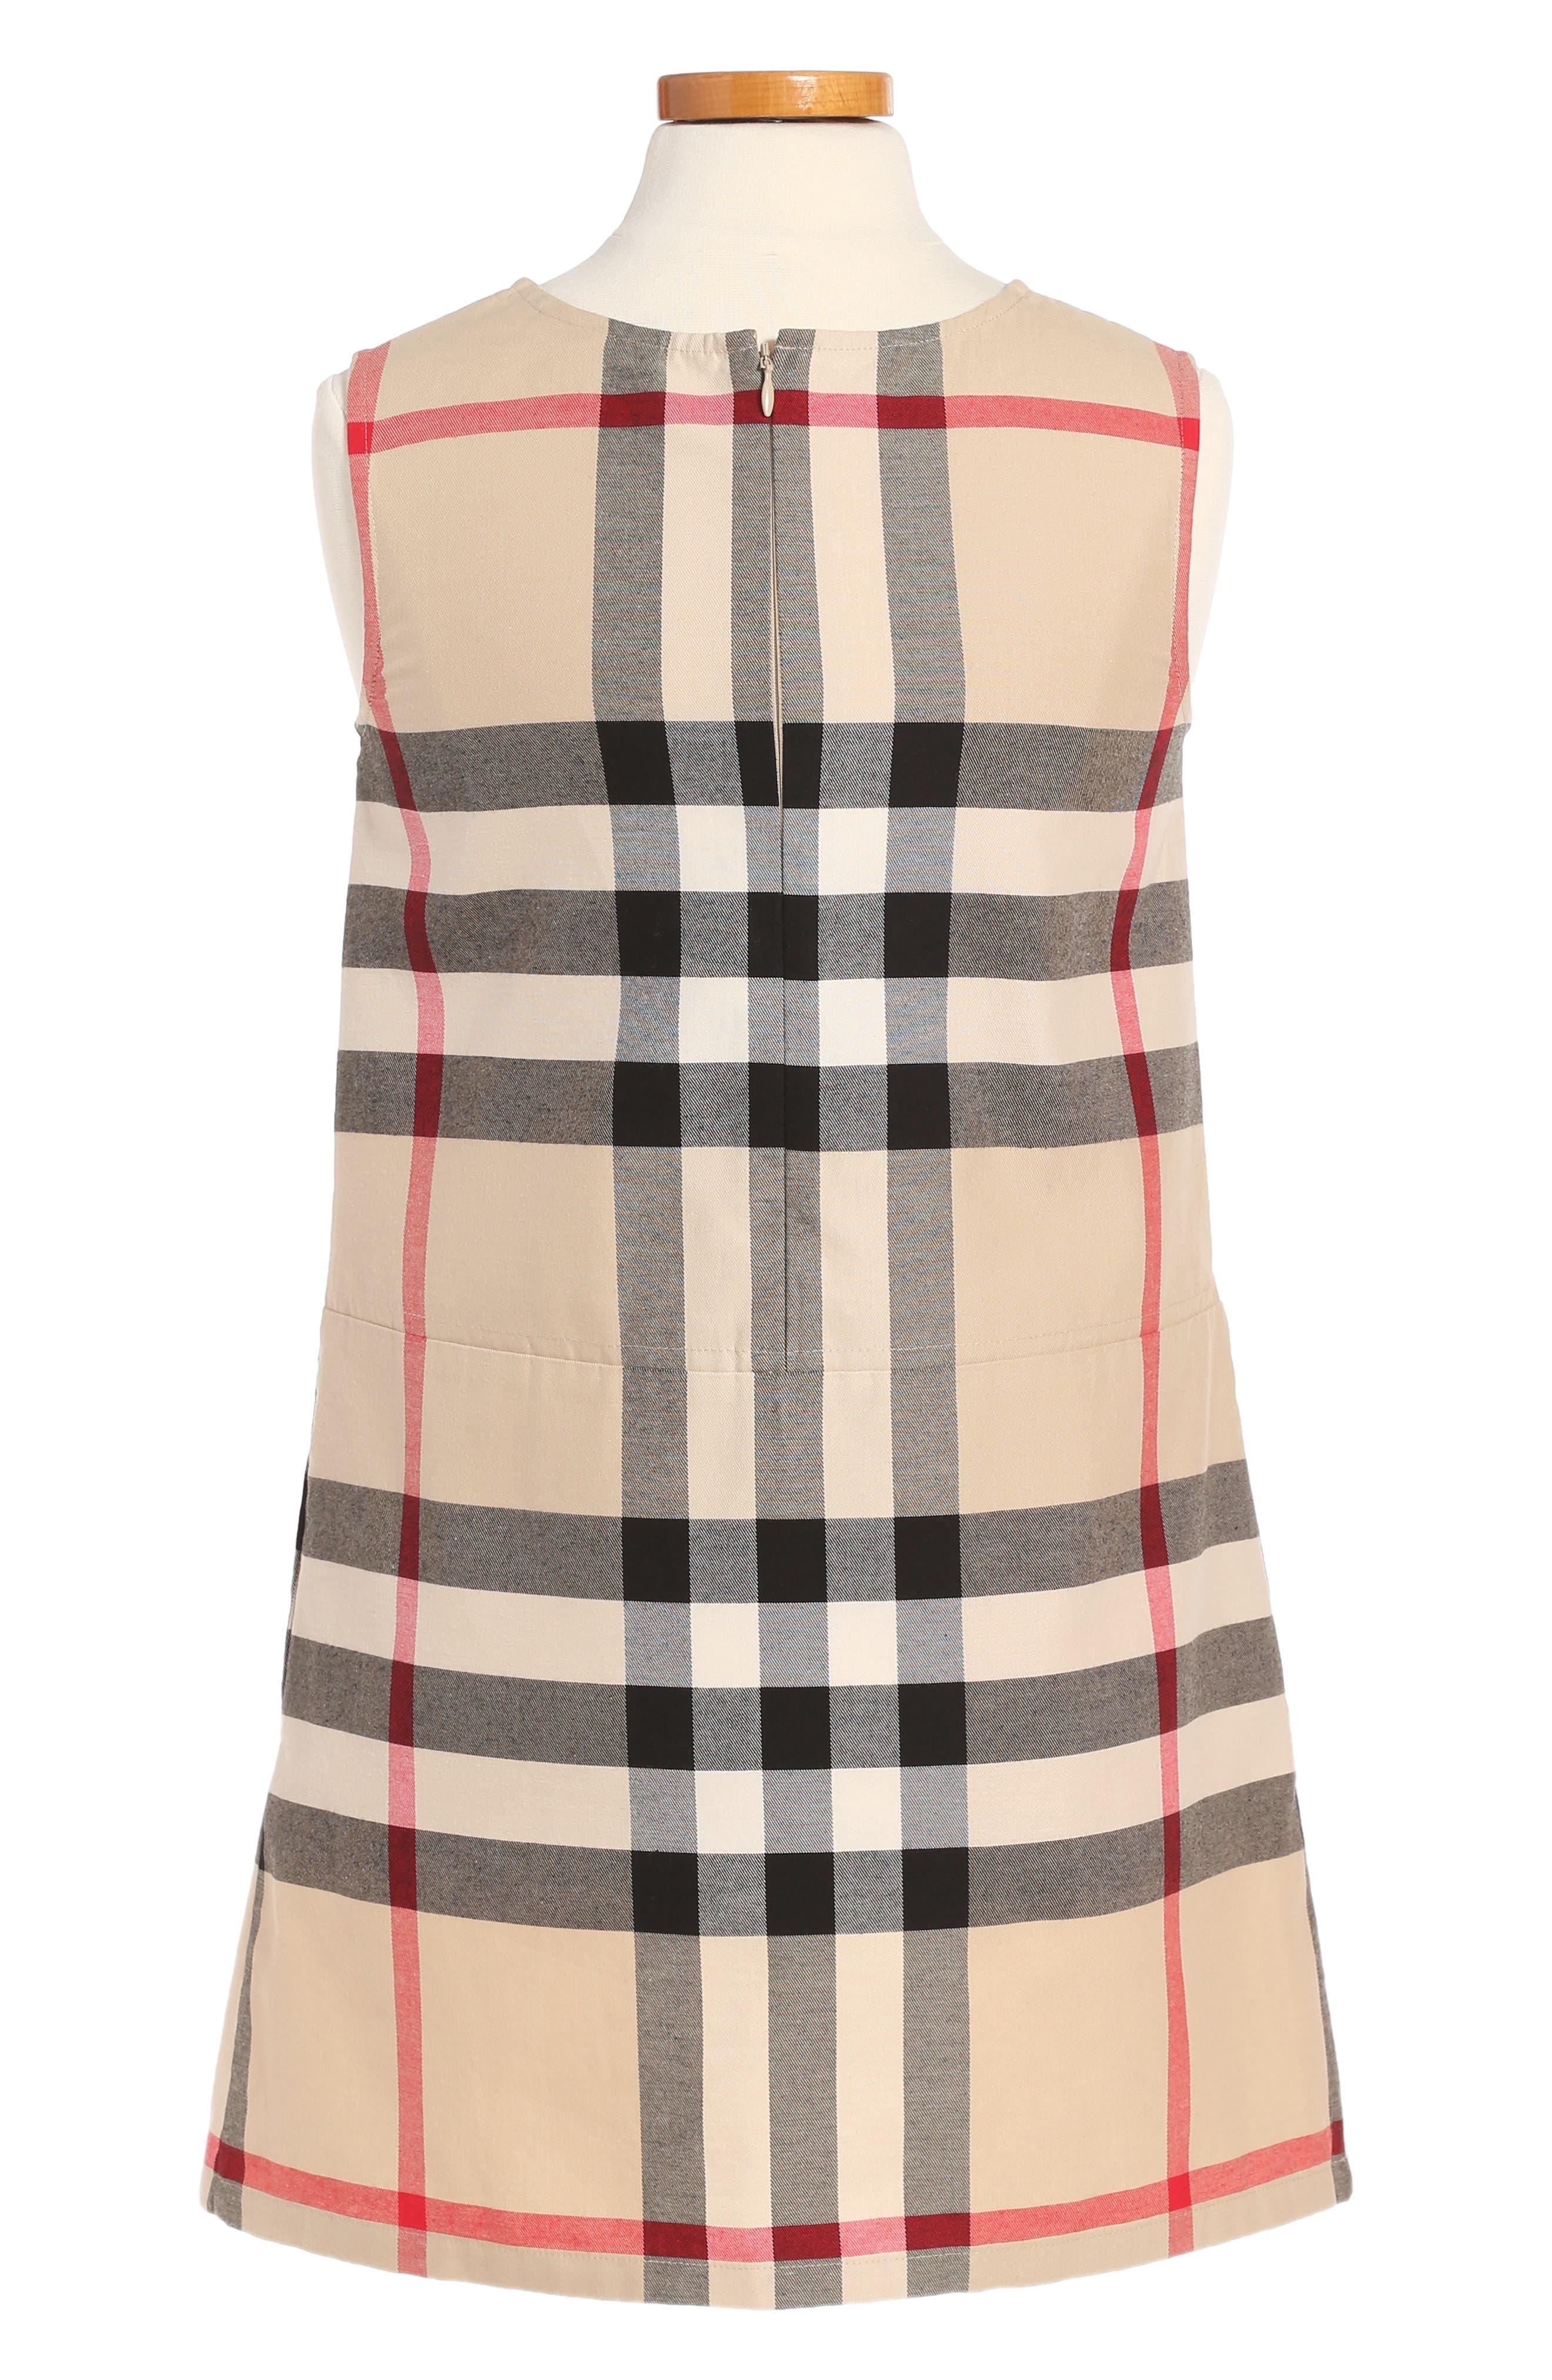 Girls Designer Clothing Dresses Jackets  Shoes Nordstrom - How to make designer dress at home